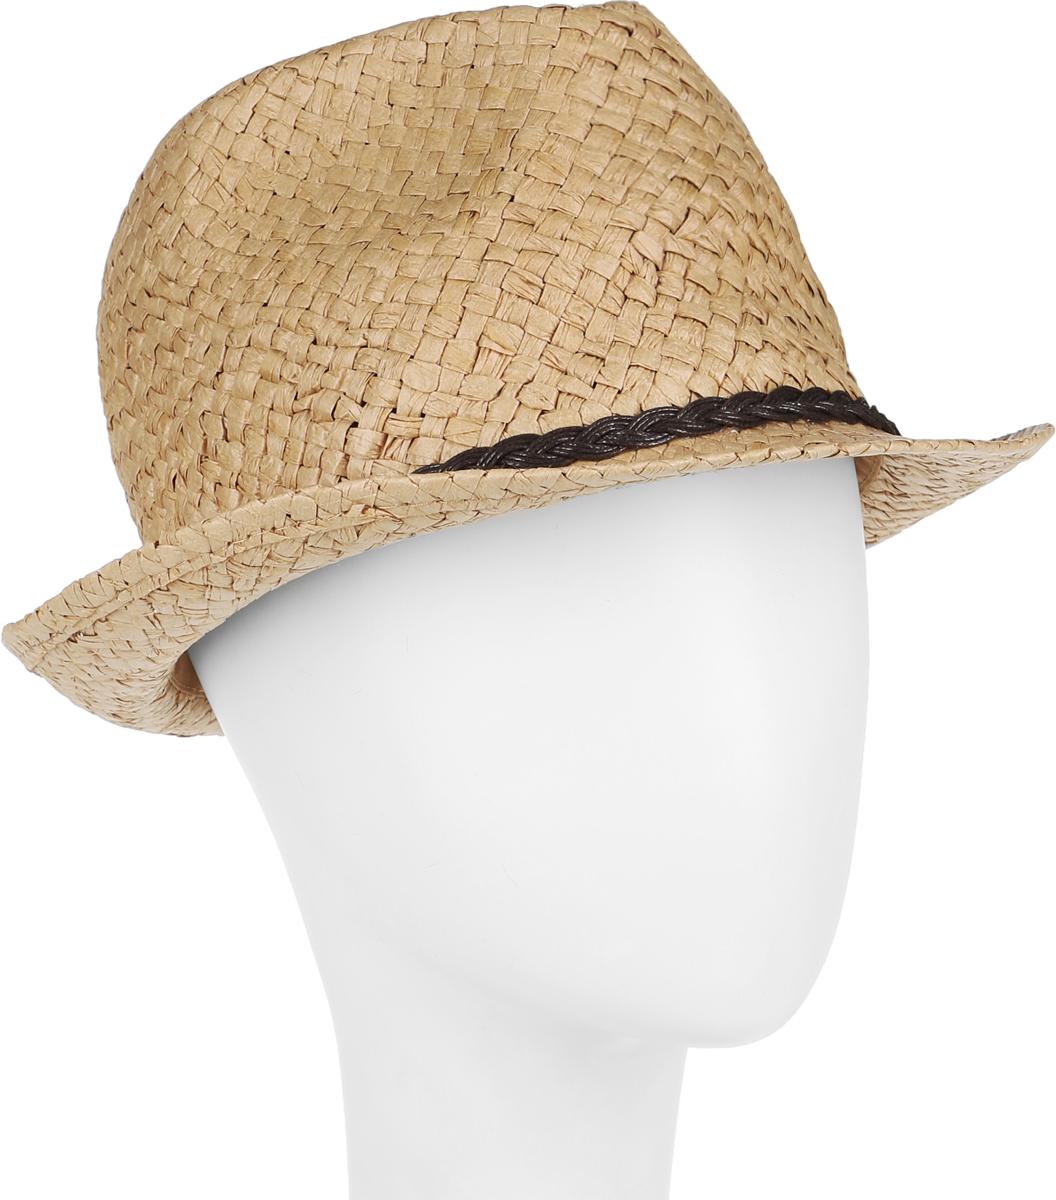 Шляпа женская Canoe Togo, цвет: бежевый. 1963769. Размер 561963769Стильная летняя шляпа Canoe Togo, выполненная из искусственной соломы, станет незаменимым аксессуаром для пляжа и отдыха на природе, и обеспечит надежную защиту головы от солнца. Шляпа оформлена декоративным плетеным ремешком. Плетение шляпы обеспечивает необходимую вентиляцию и комфорт даже в самый знойный день. Шляпа легко восстанавливает свою форму после сжатия.Такая шляпа подчеркнет вашу неповторимость и дополнит ваш повседневный образ.